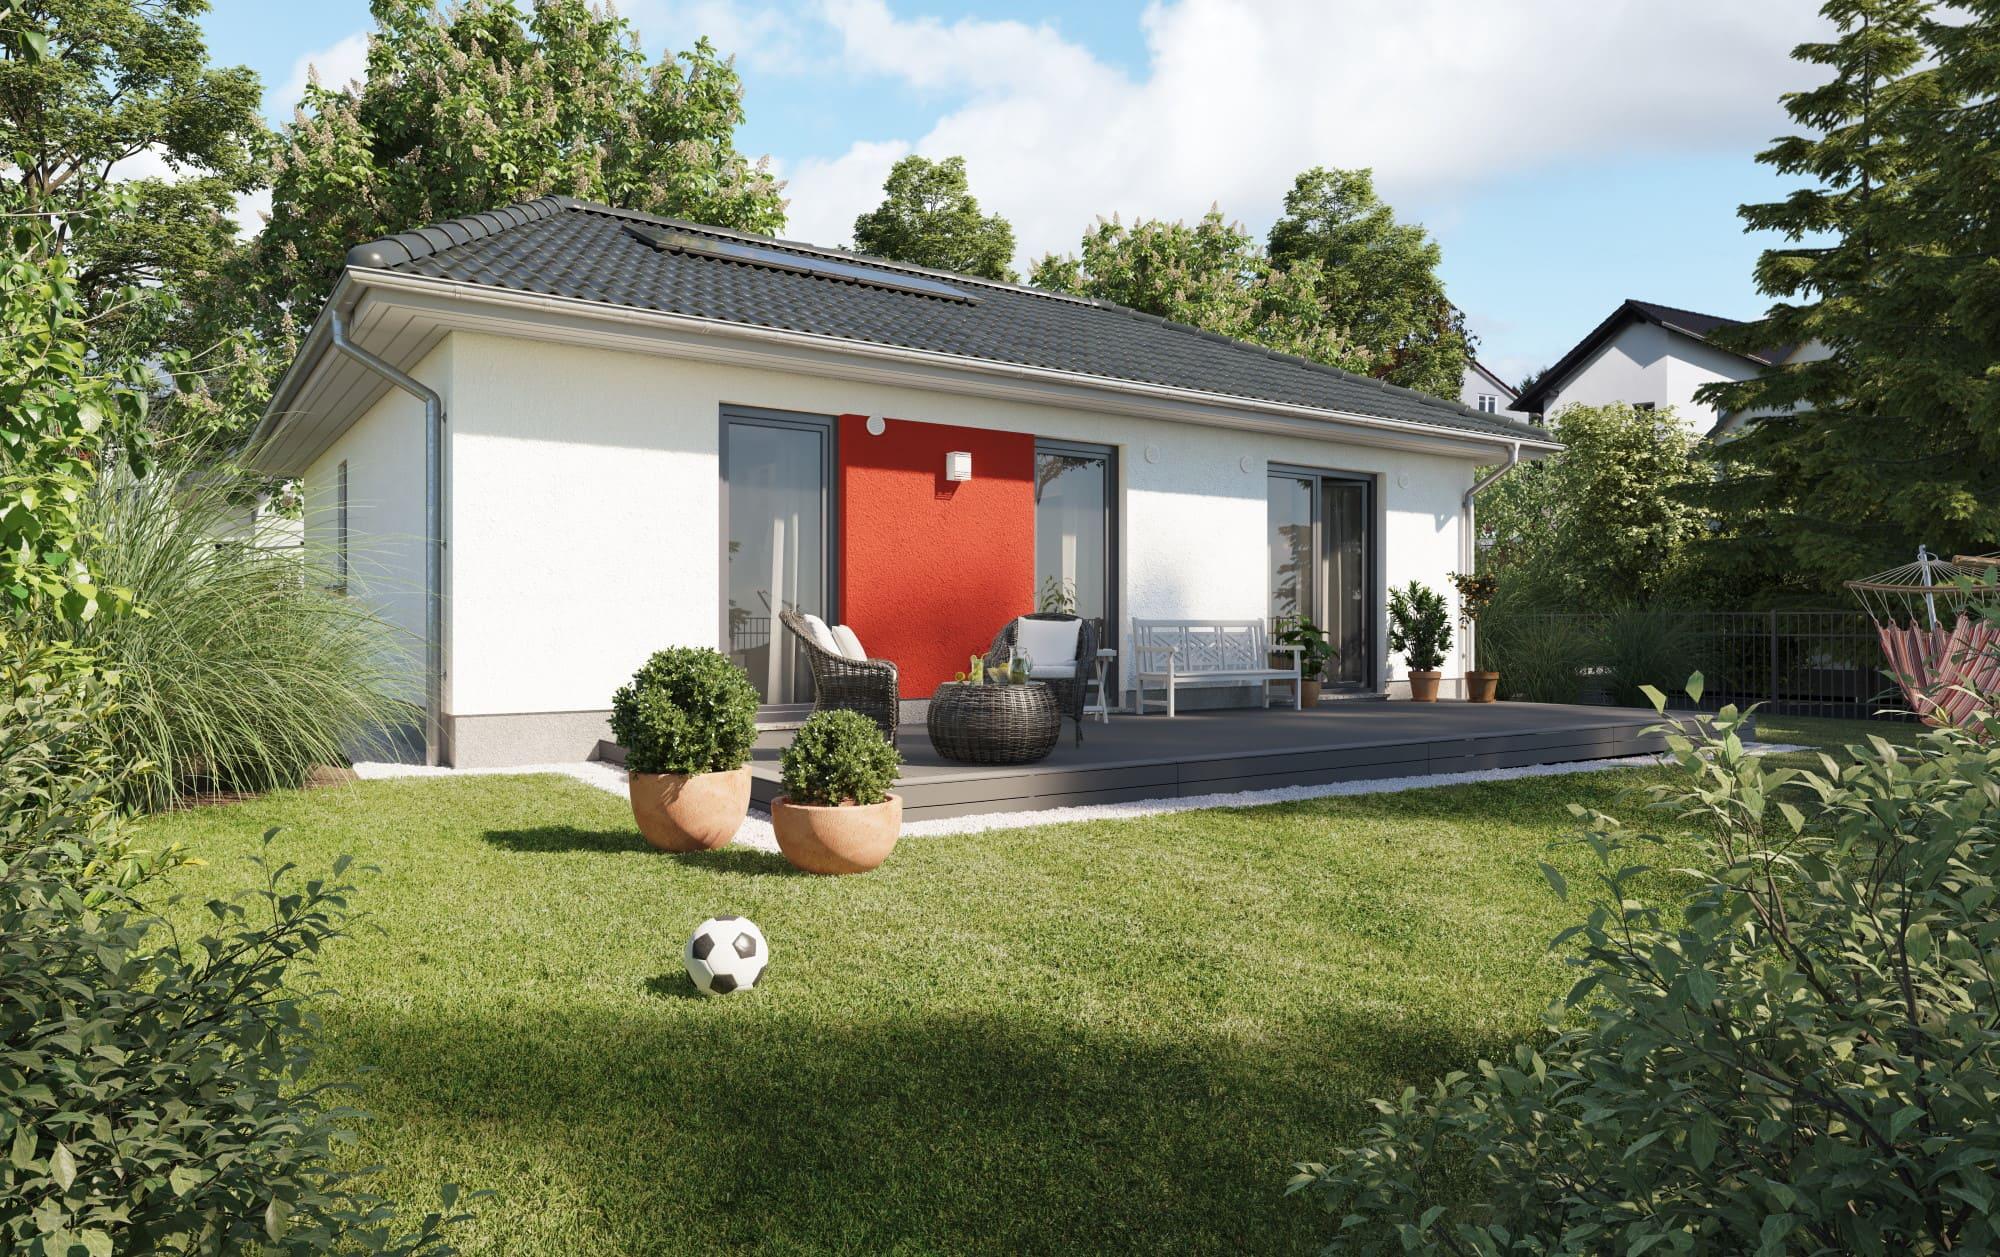 Bungalow Haus modern mit Walmdach Architektur & Putz Fassade - Haus bauen Ideen Town Country Massivhaus Bungalow 78 Style - HausbauDirekt.de